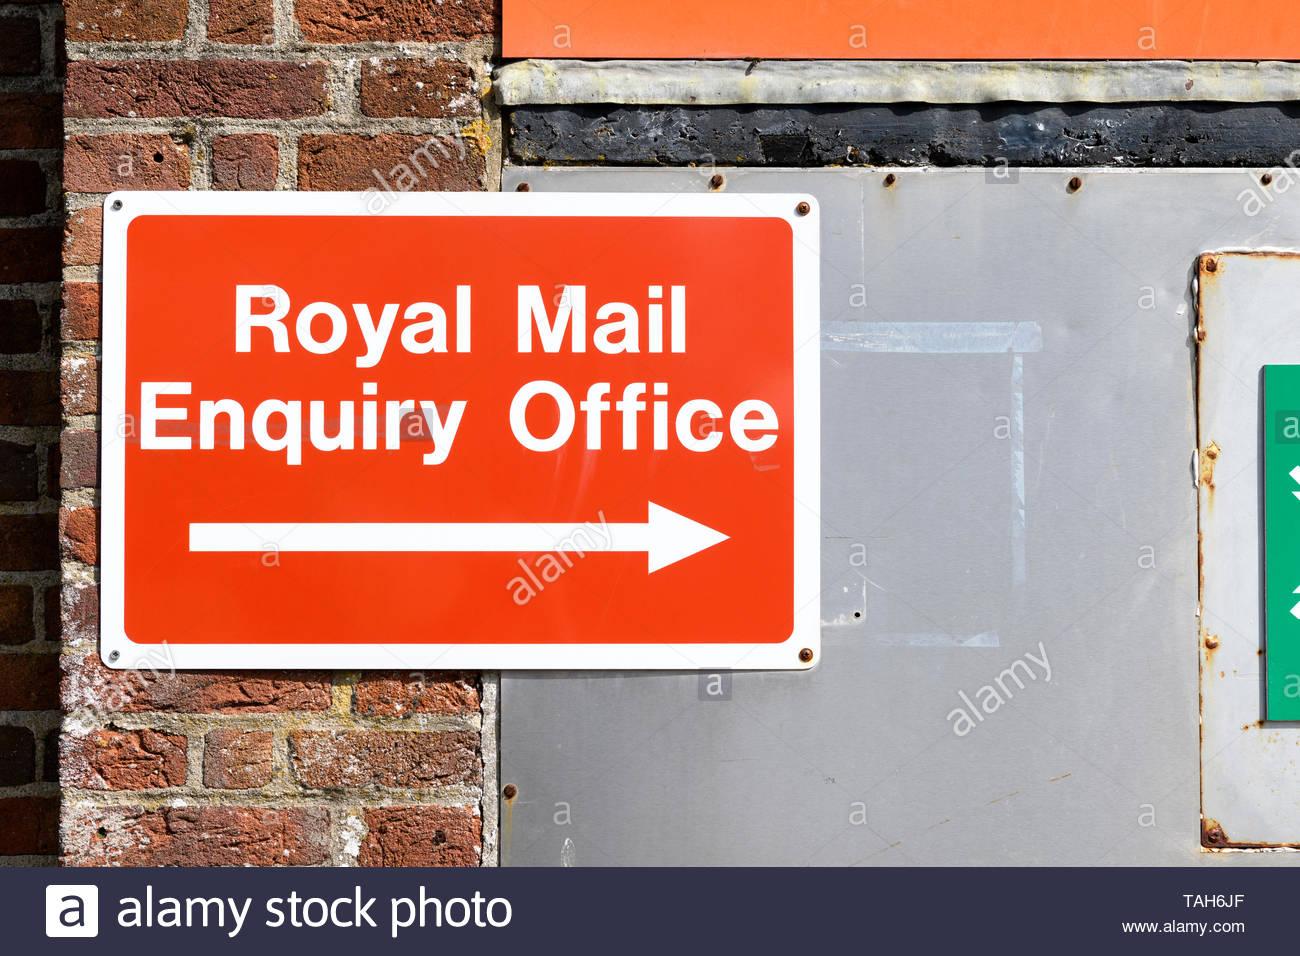 Royal Mail Enquiry Office, Blandford, Dorset, England, UK - Stock Image